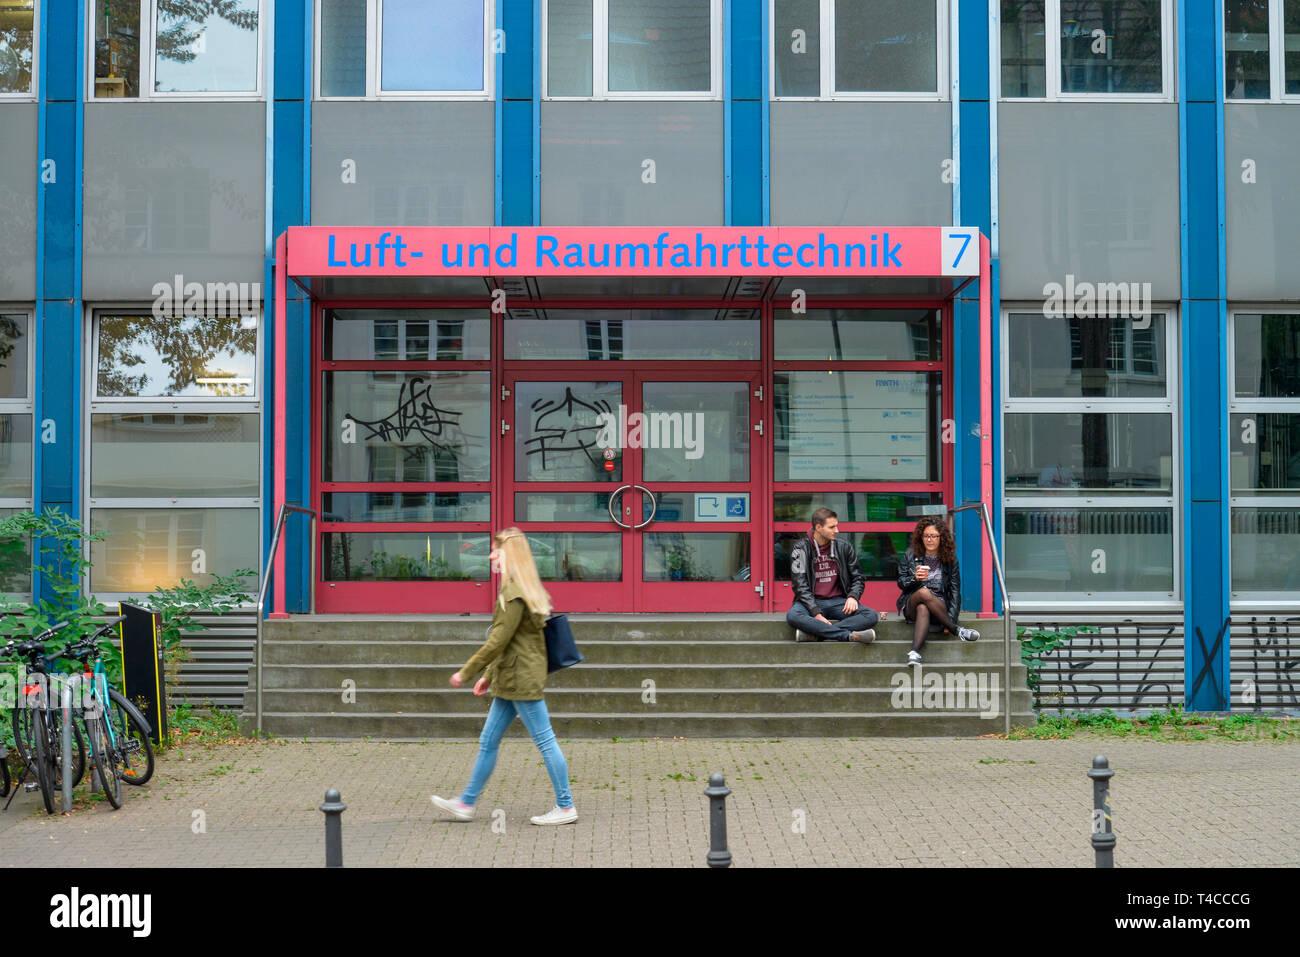 Institut fuer Luft- und Raumfahrtsysteme, RWTH, Wuellnerstrasse, Aachen, Nordrhein-Westfalen, Deutschland, Wüllnerstrasse - Stock Image